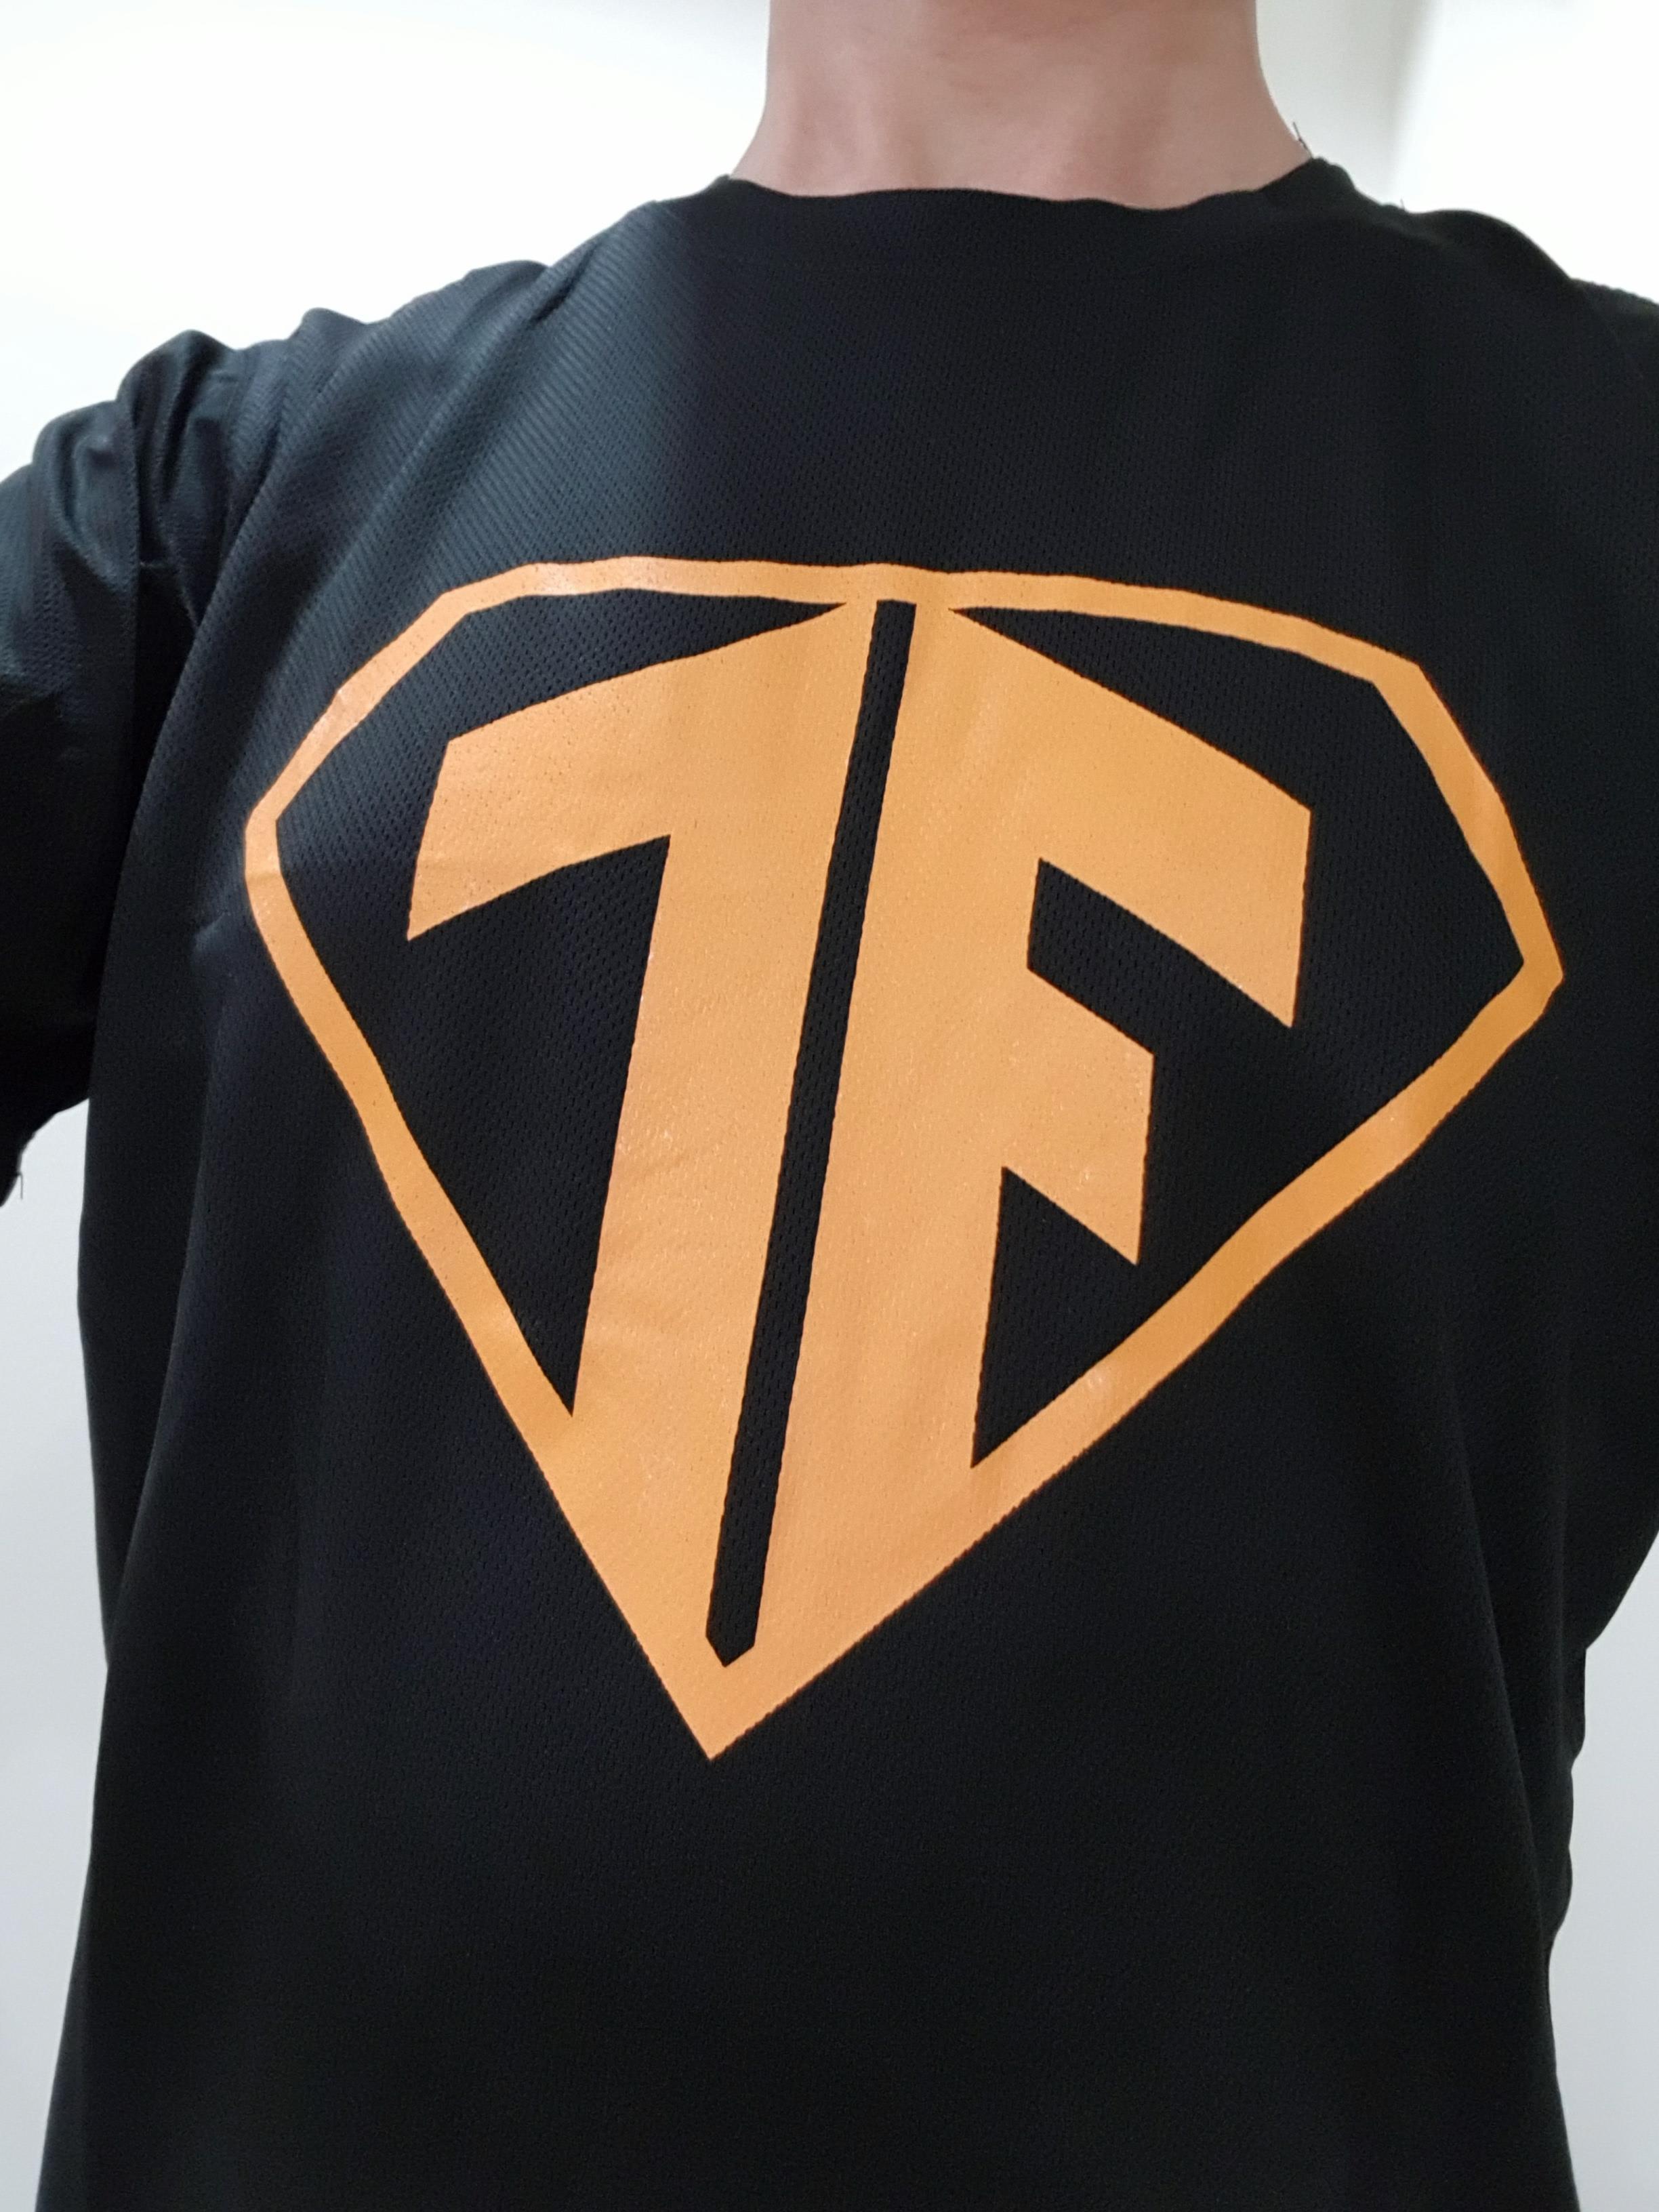 TensorFlow tee